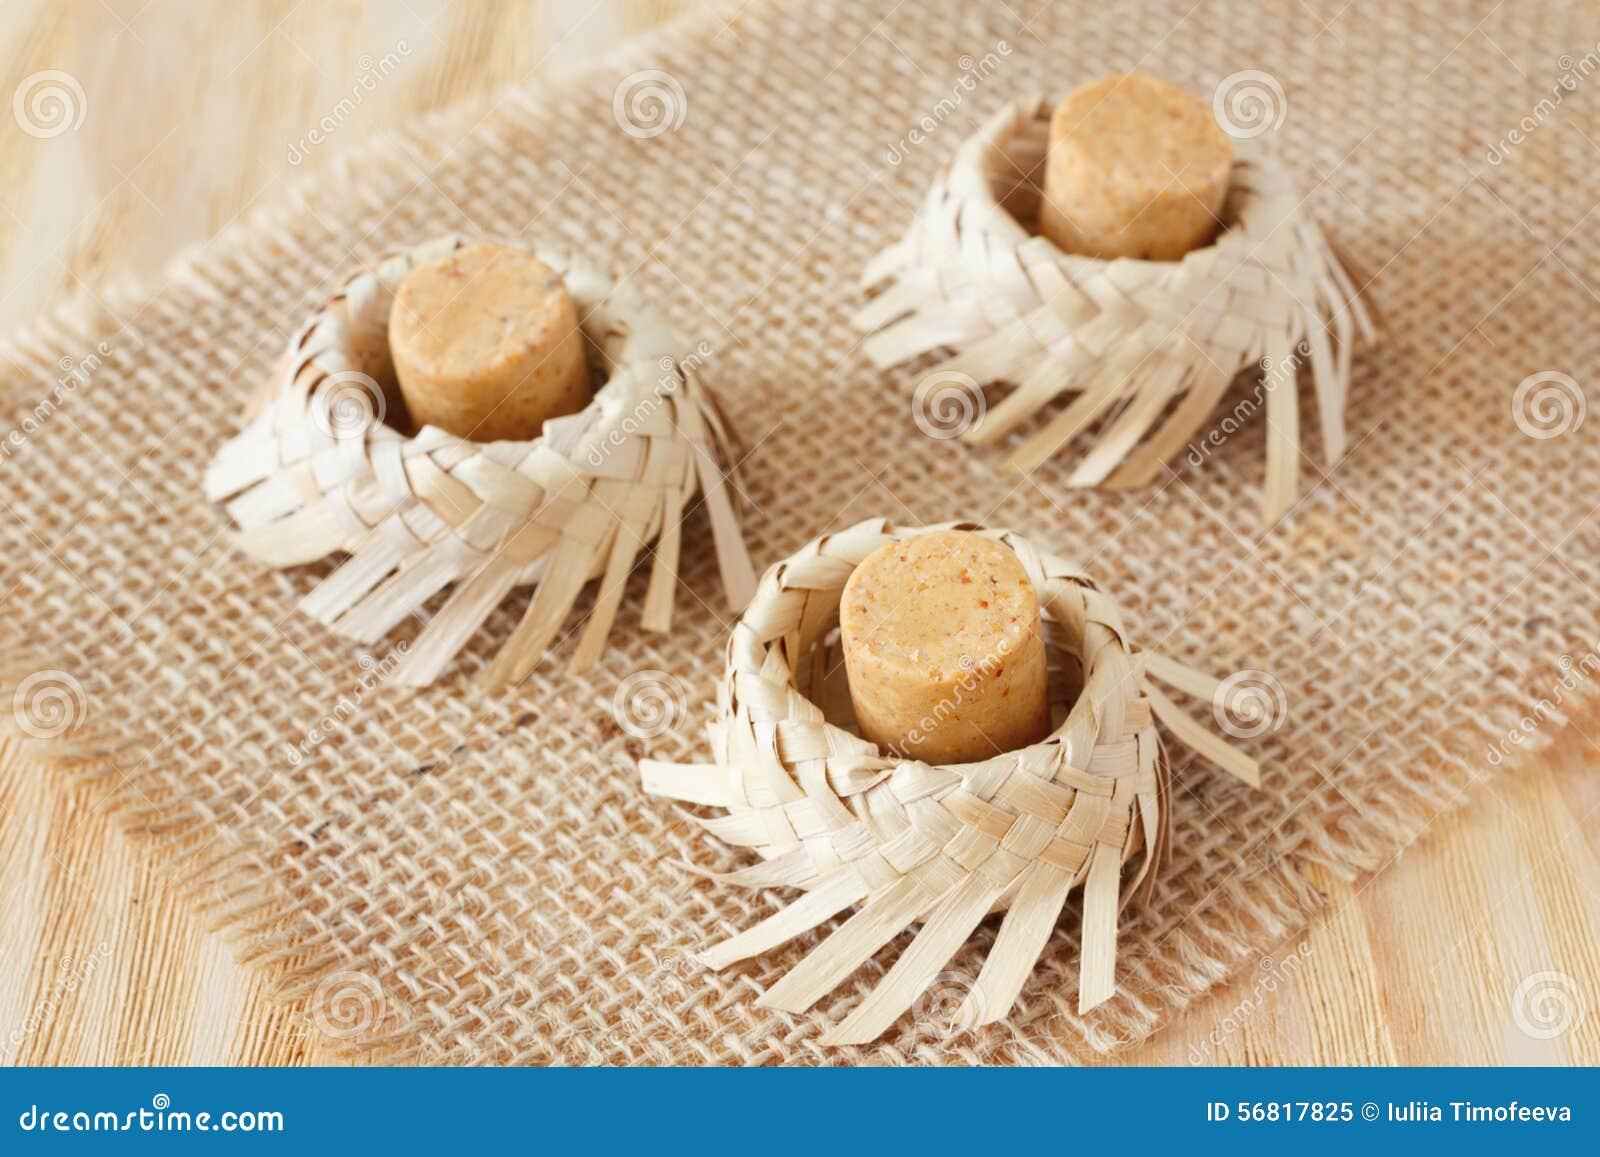 Brasilianische Dekoration pacoca - brasilianische süßigkeit der grunderdnuß stockbild - bild